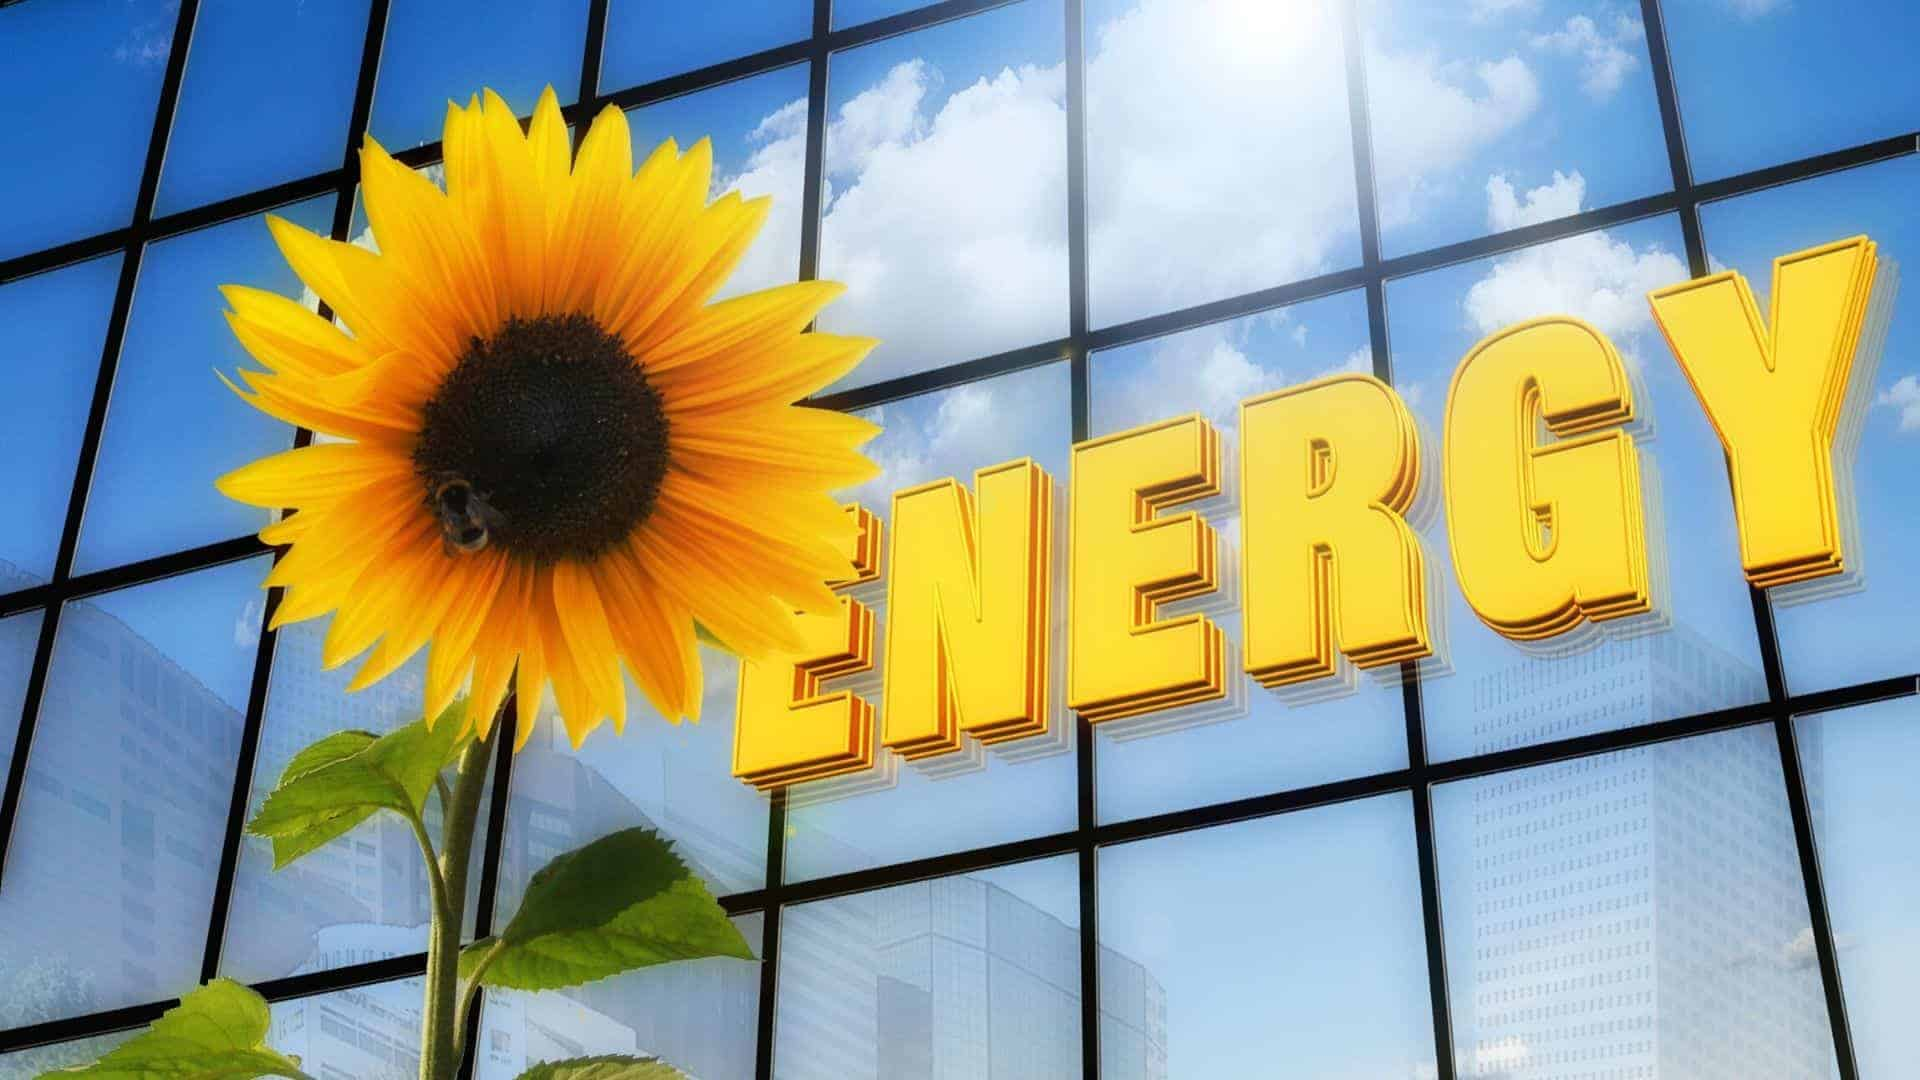 Ontwikkeling-en-voordelen-van-duurzame-energie